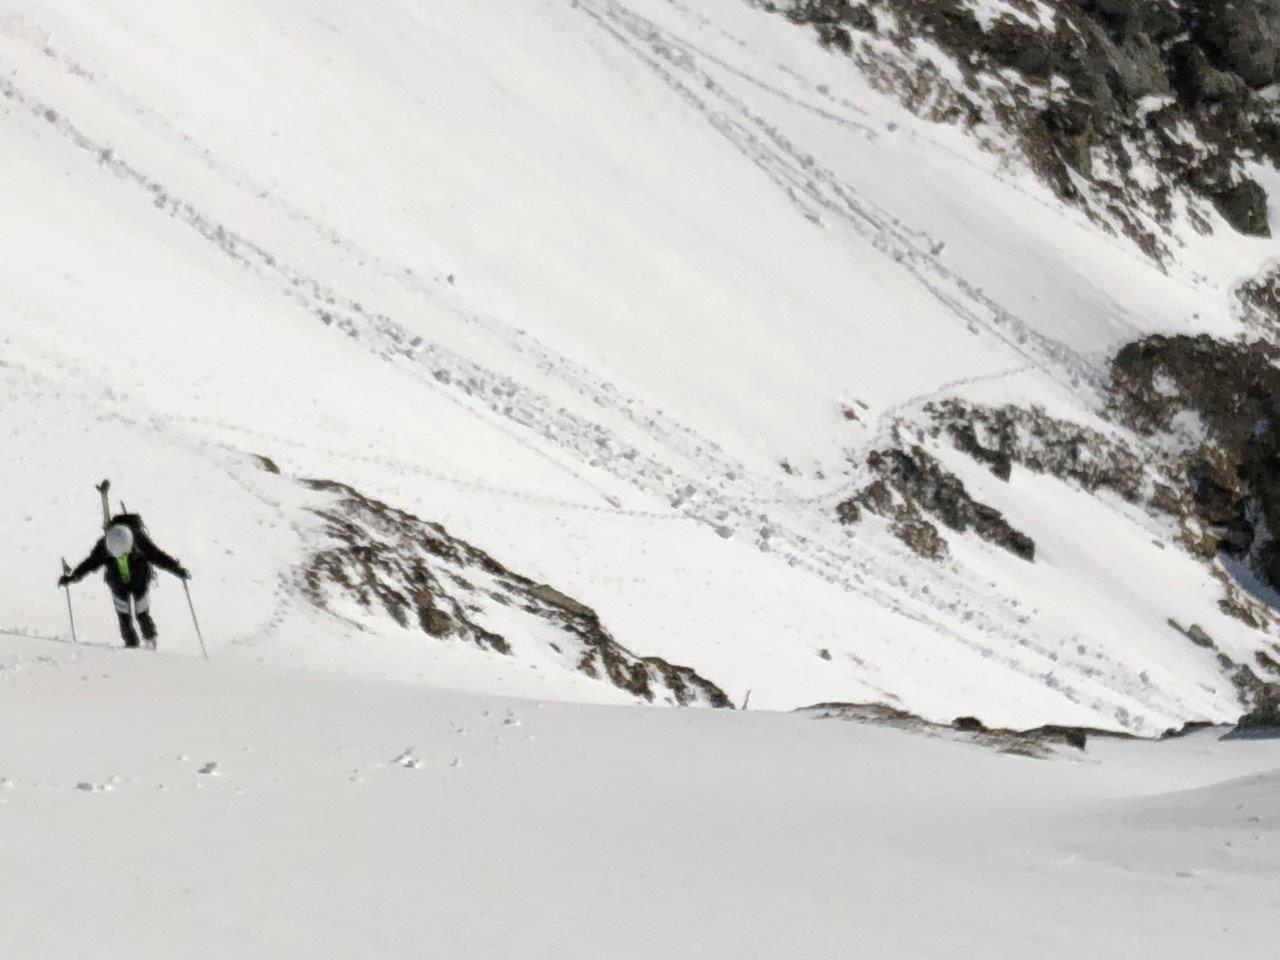 al traverso di q. 2300 (fatto con i ramponi in salita e con gli sci in discesa)